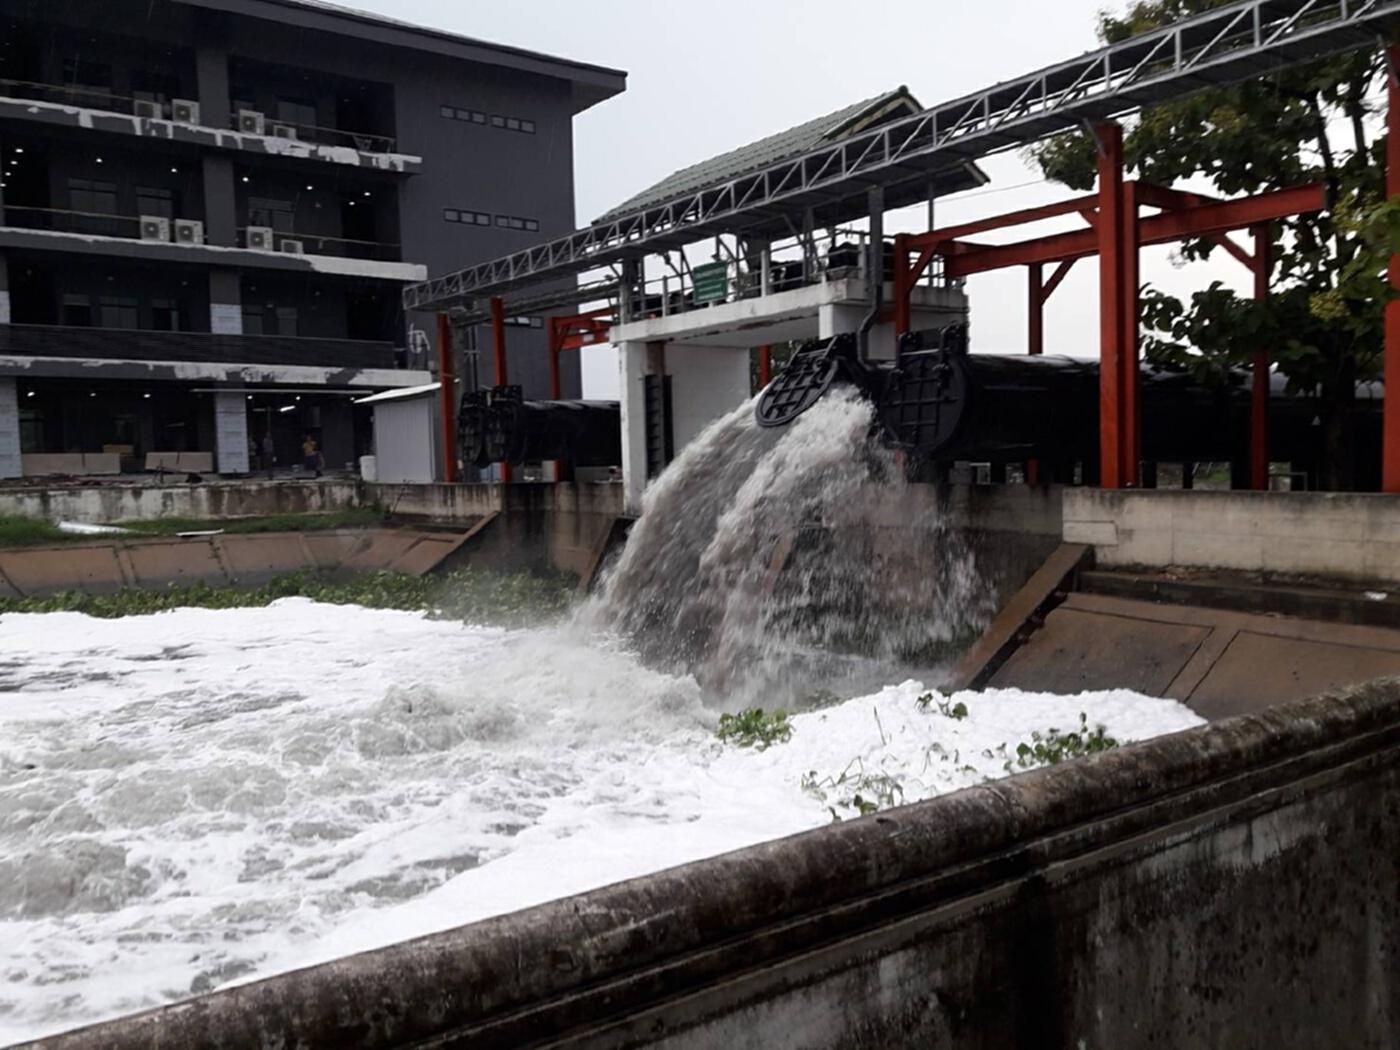 กรมชลประทาน แจ้งด่วนที่สุดทุกหน่วยงาน นนทบุรี รับมือน้ำท่วม 24 ชั่วโมง